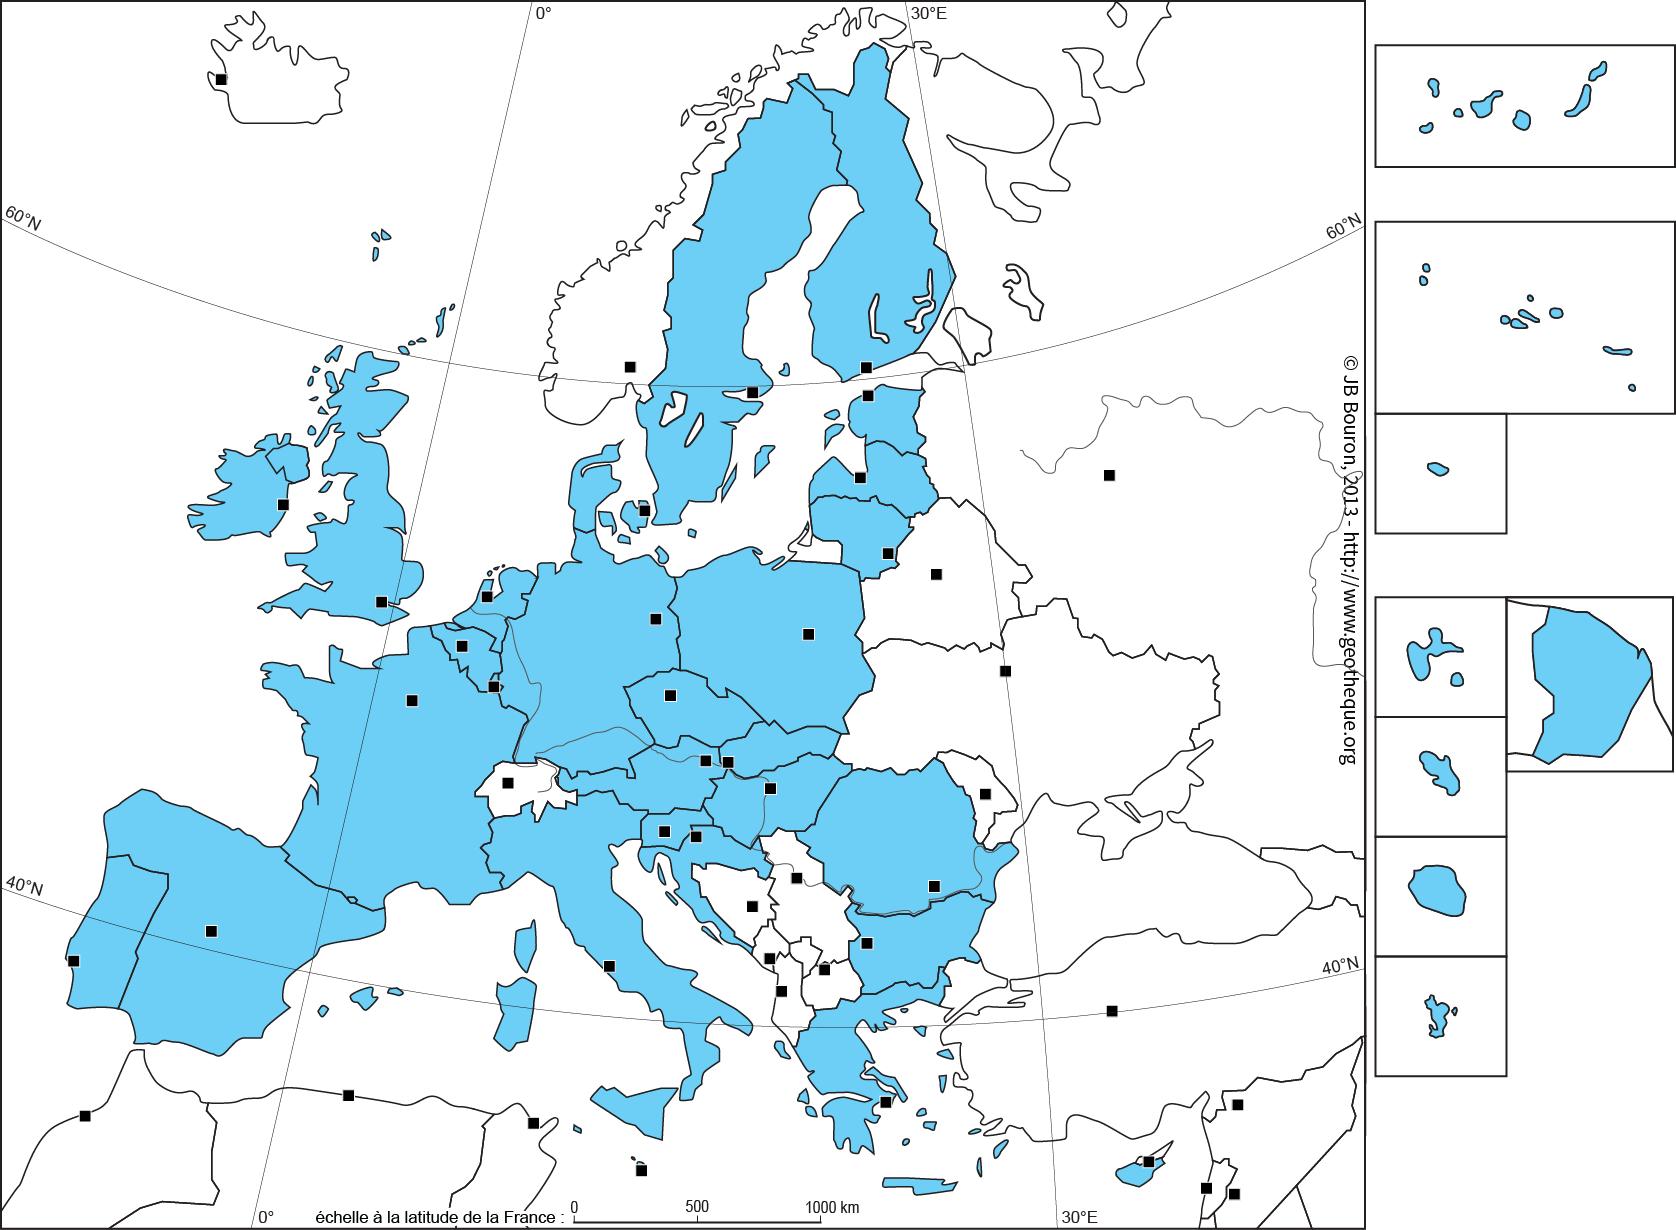 Fond De Carte De L'union Européenne À 28 - Ue28 - Eu28 Map à Carte Des Pays Membres De L Ue